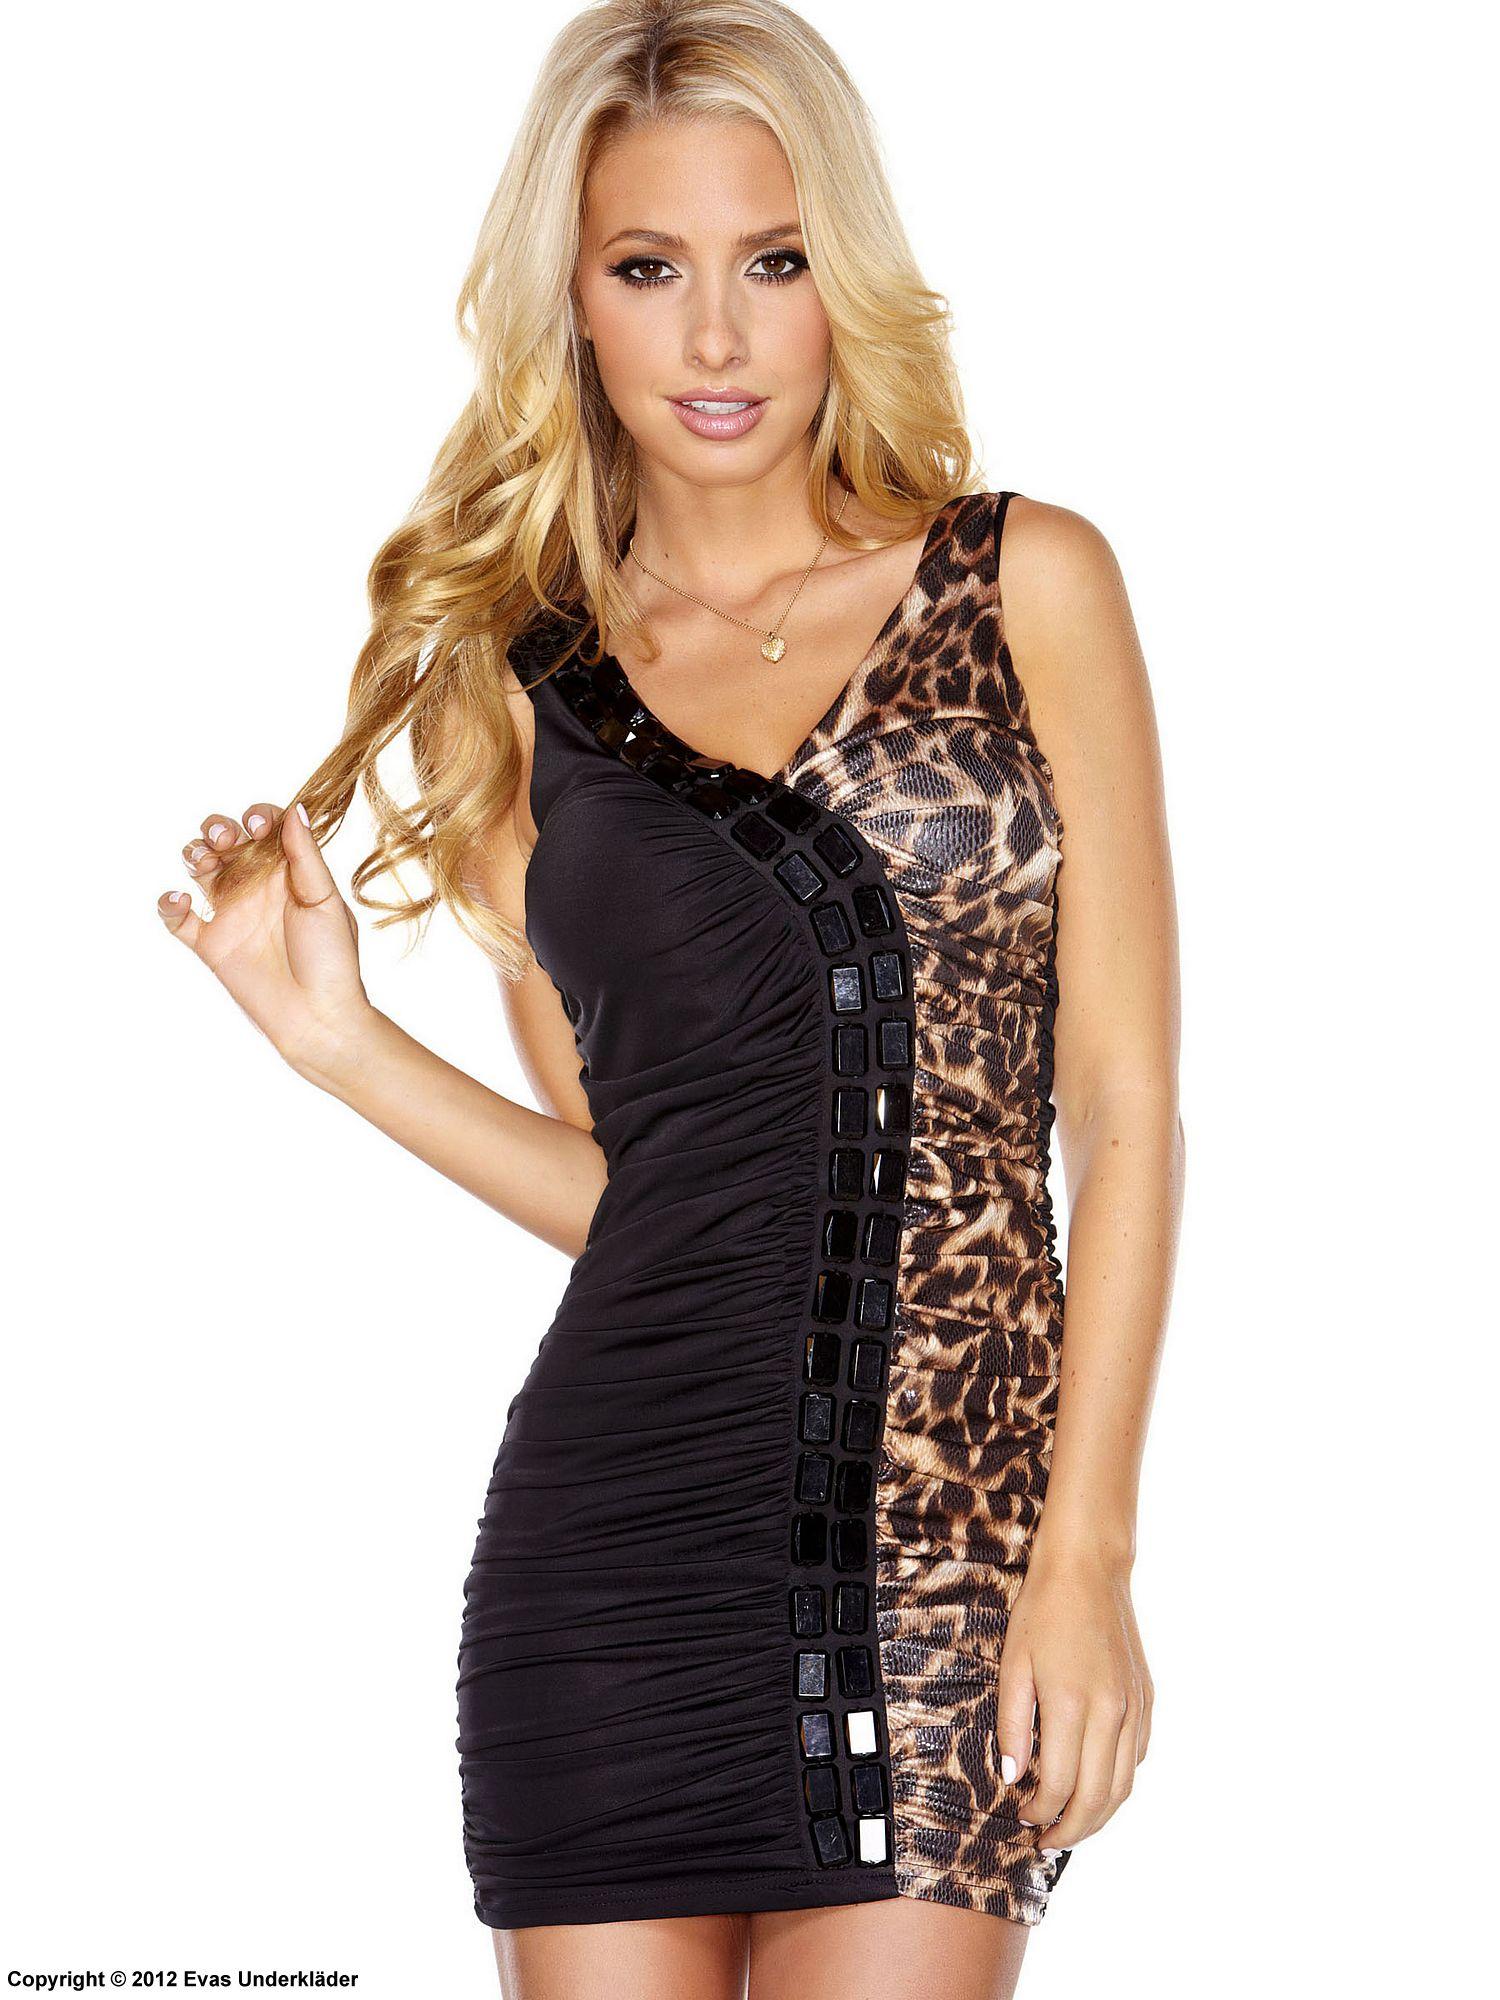 Rynkad klänning med blanka stenar, leopard